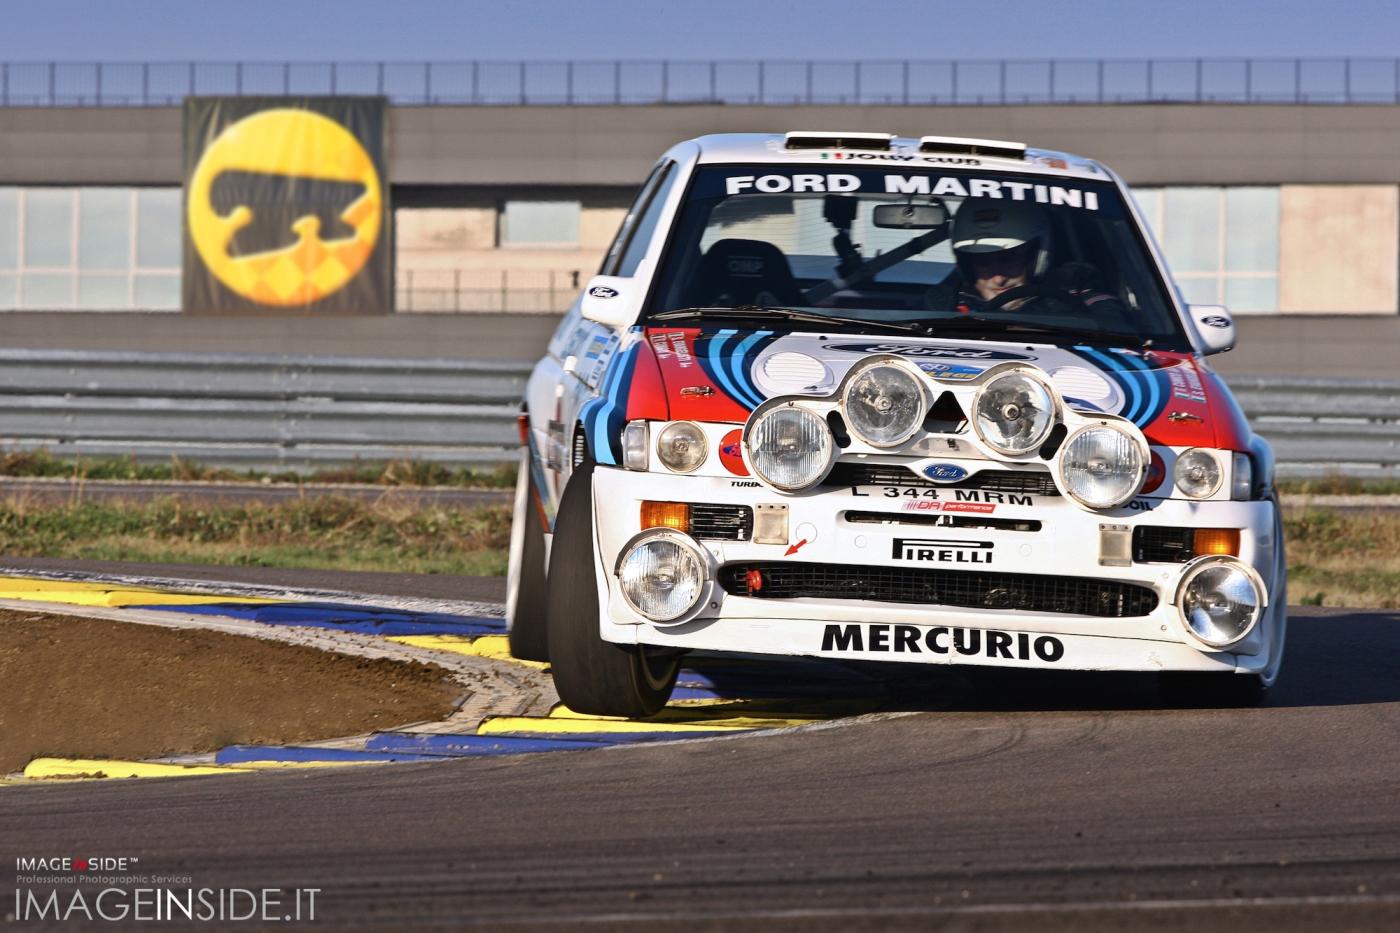 Circuito Modena : Autodromo di modena modena race track test drive modenatur